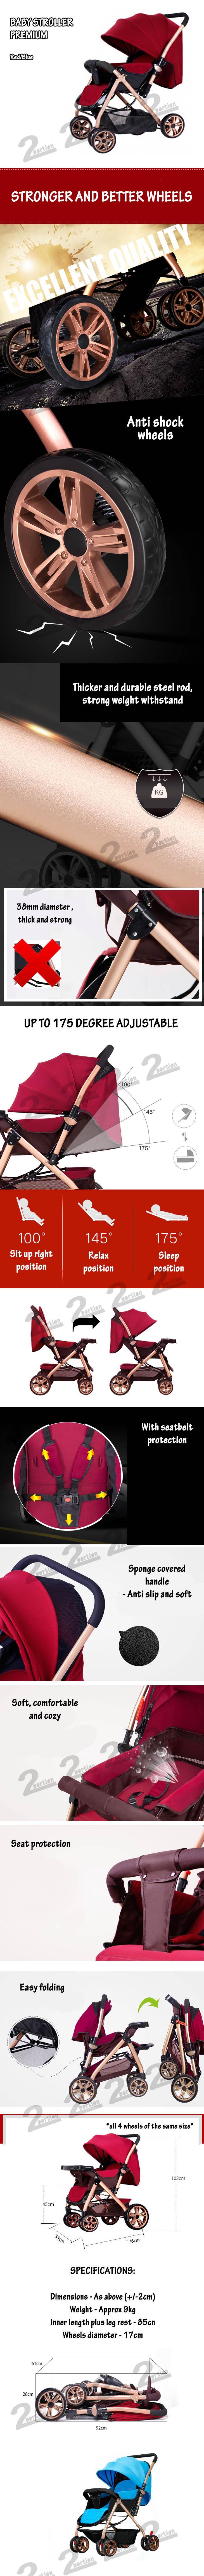 A baby stroller premium.jpg